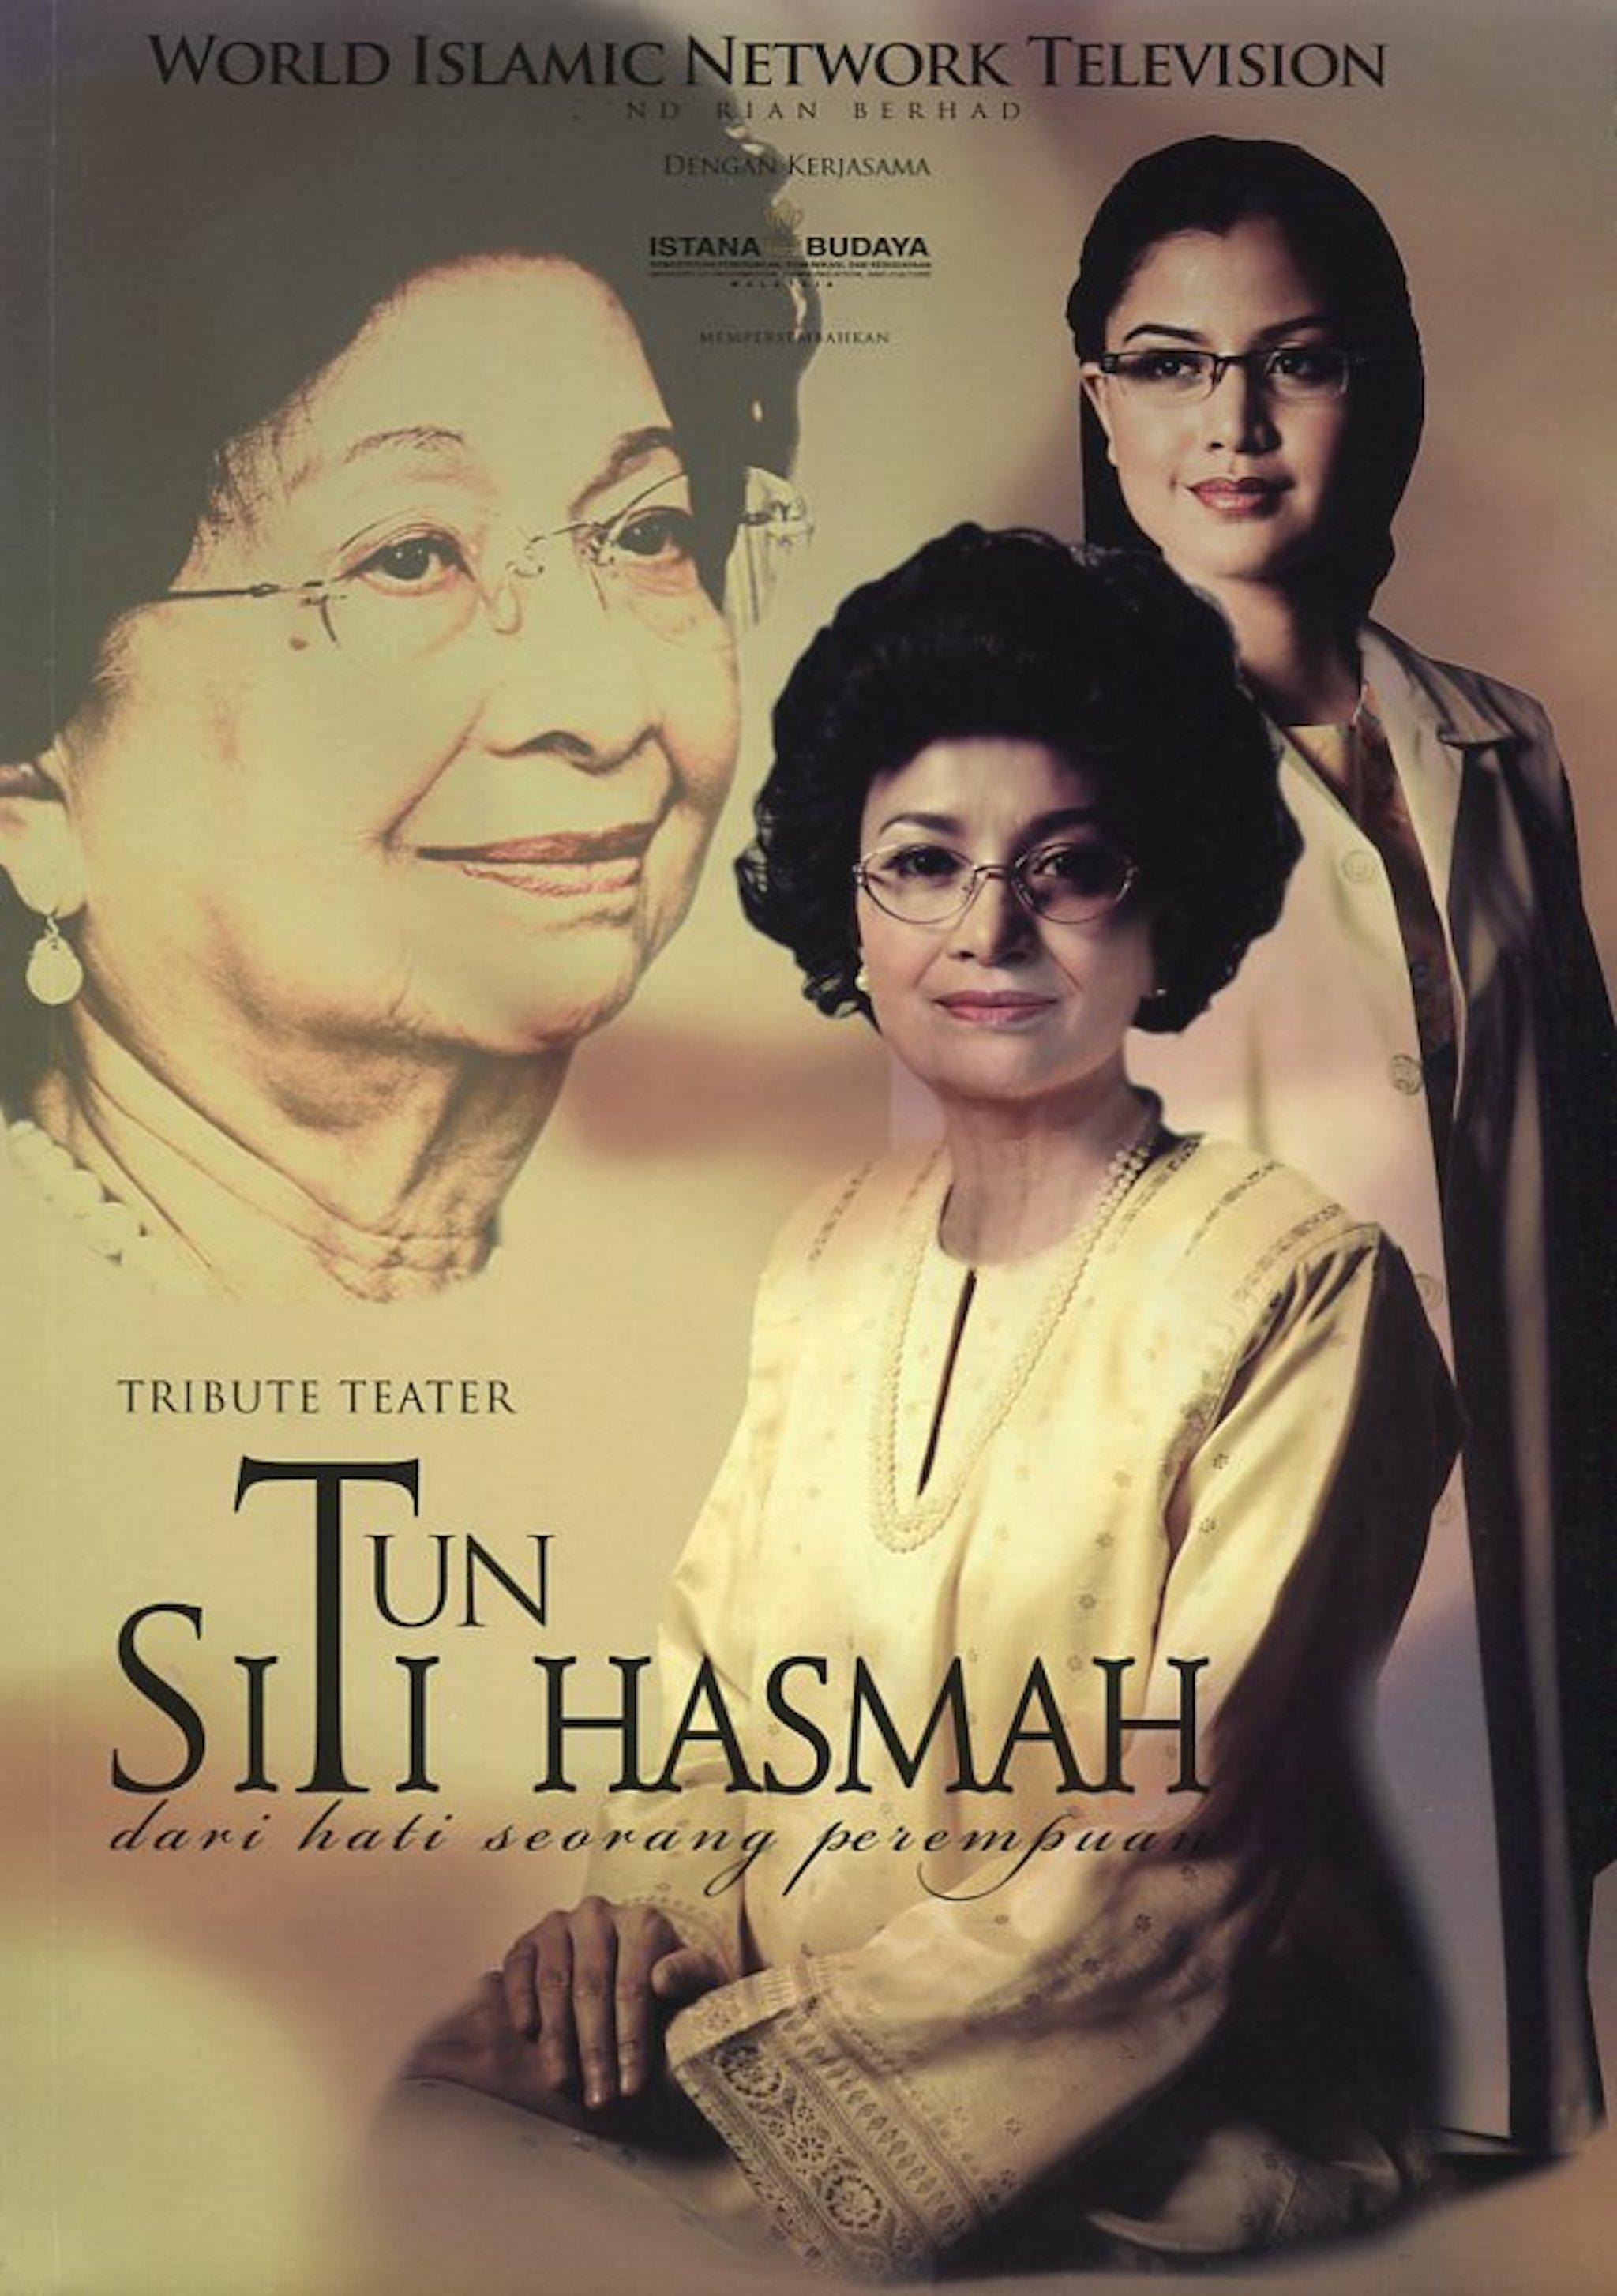 2012 Tun Siti Hasmah cover